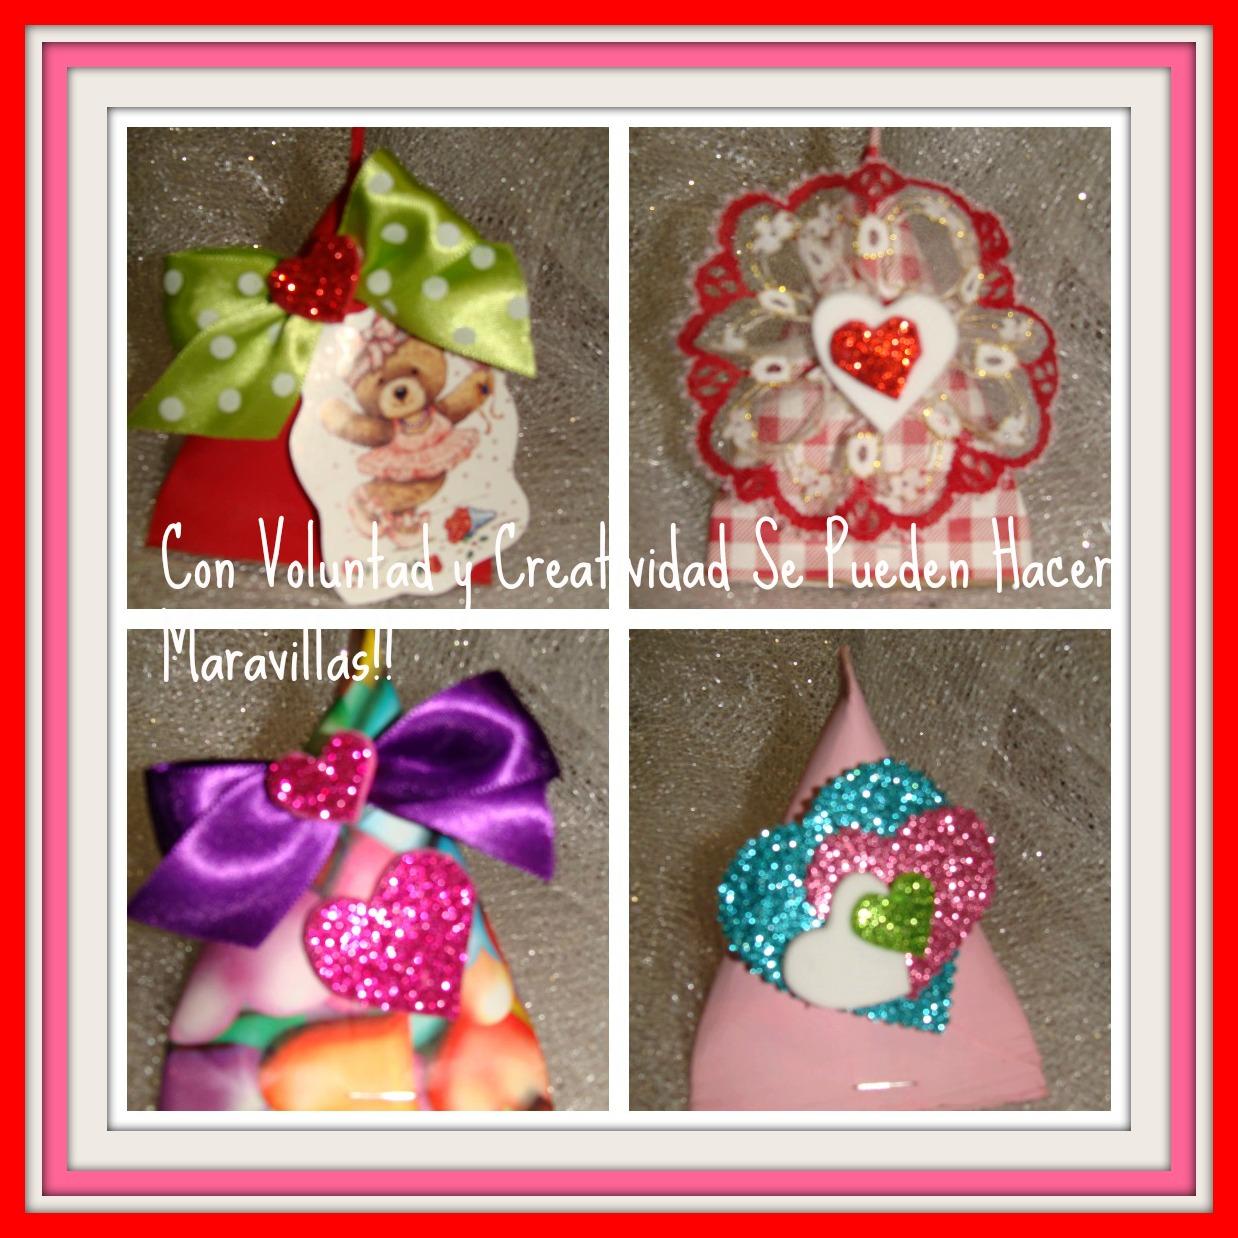 Con voluntad y creatividad se pueden hacer maravillas - Creatividad para regalar ...